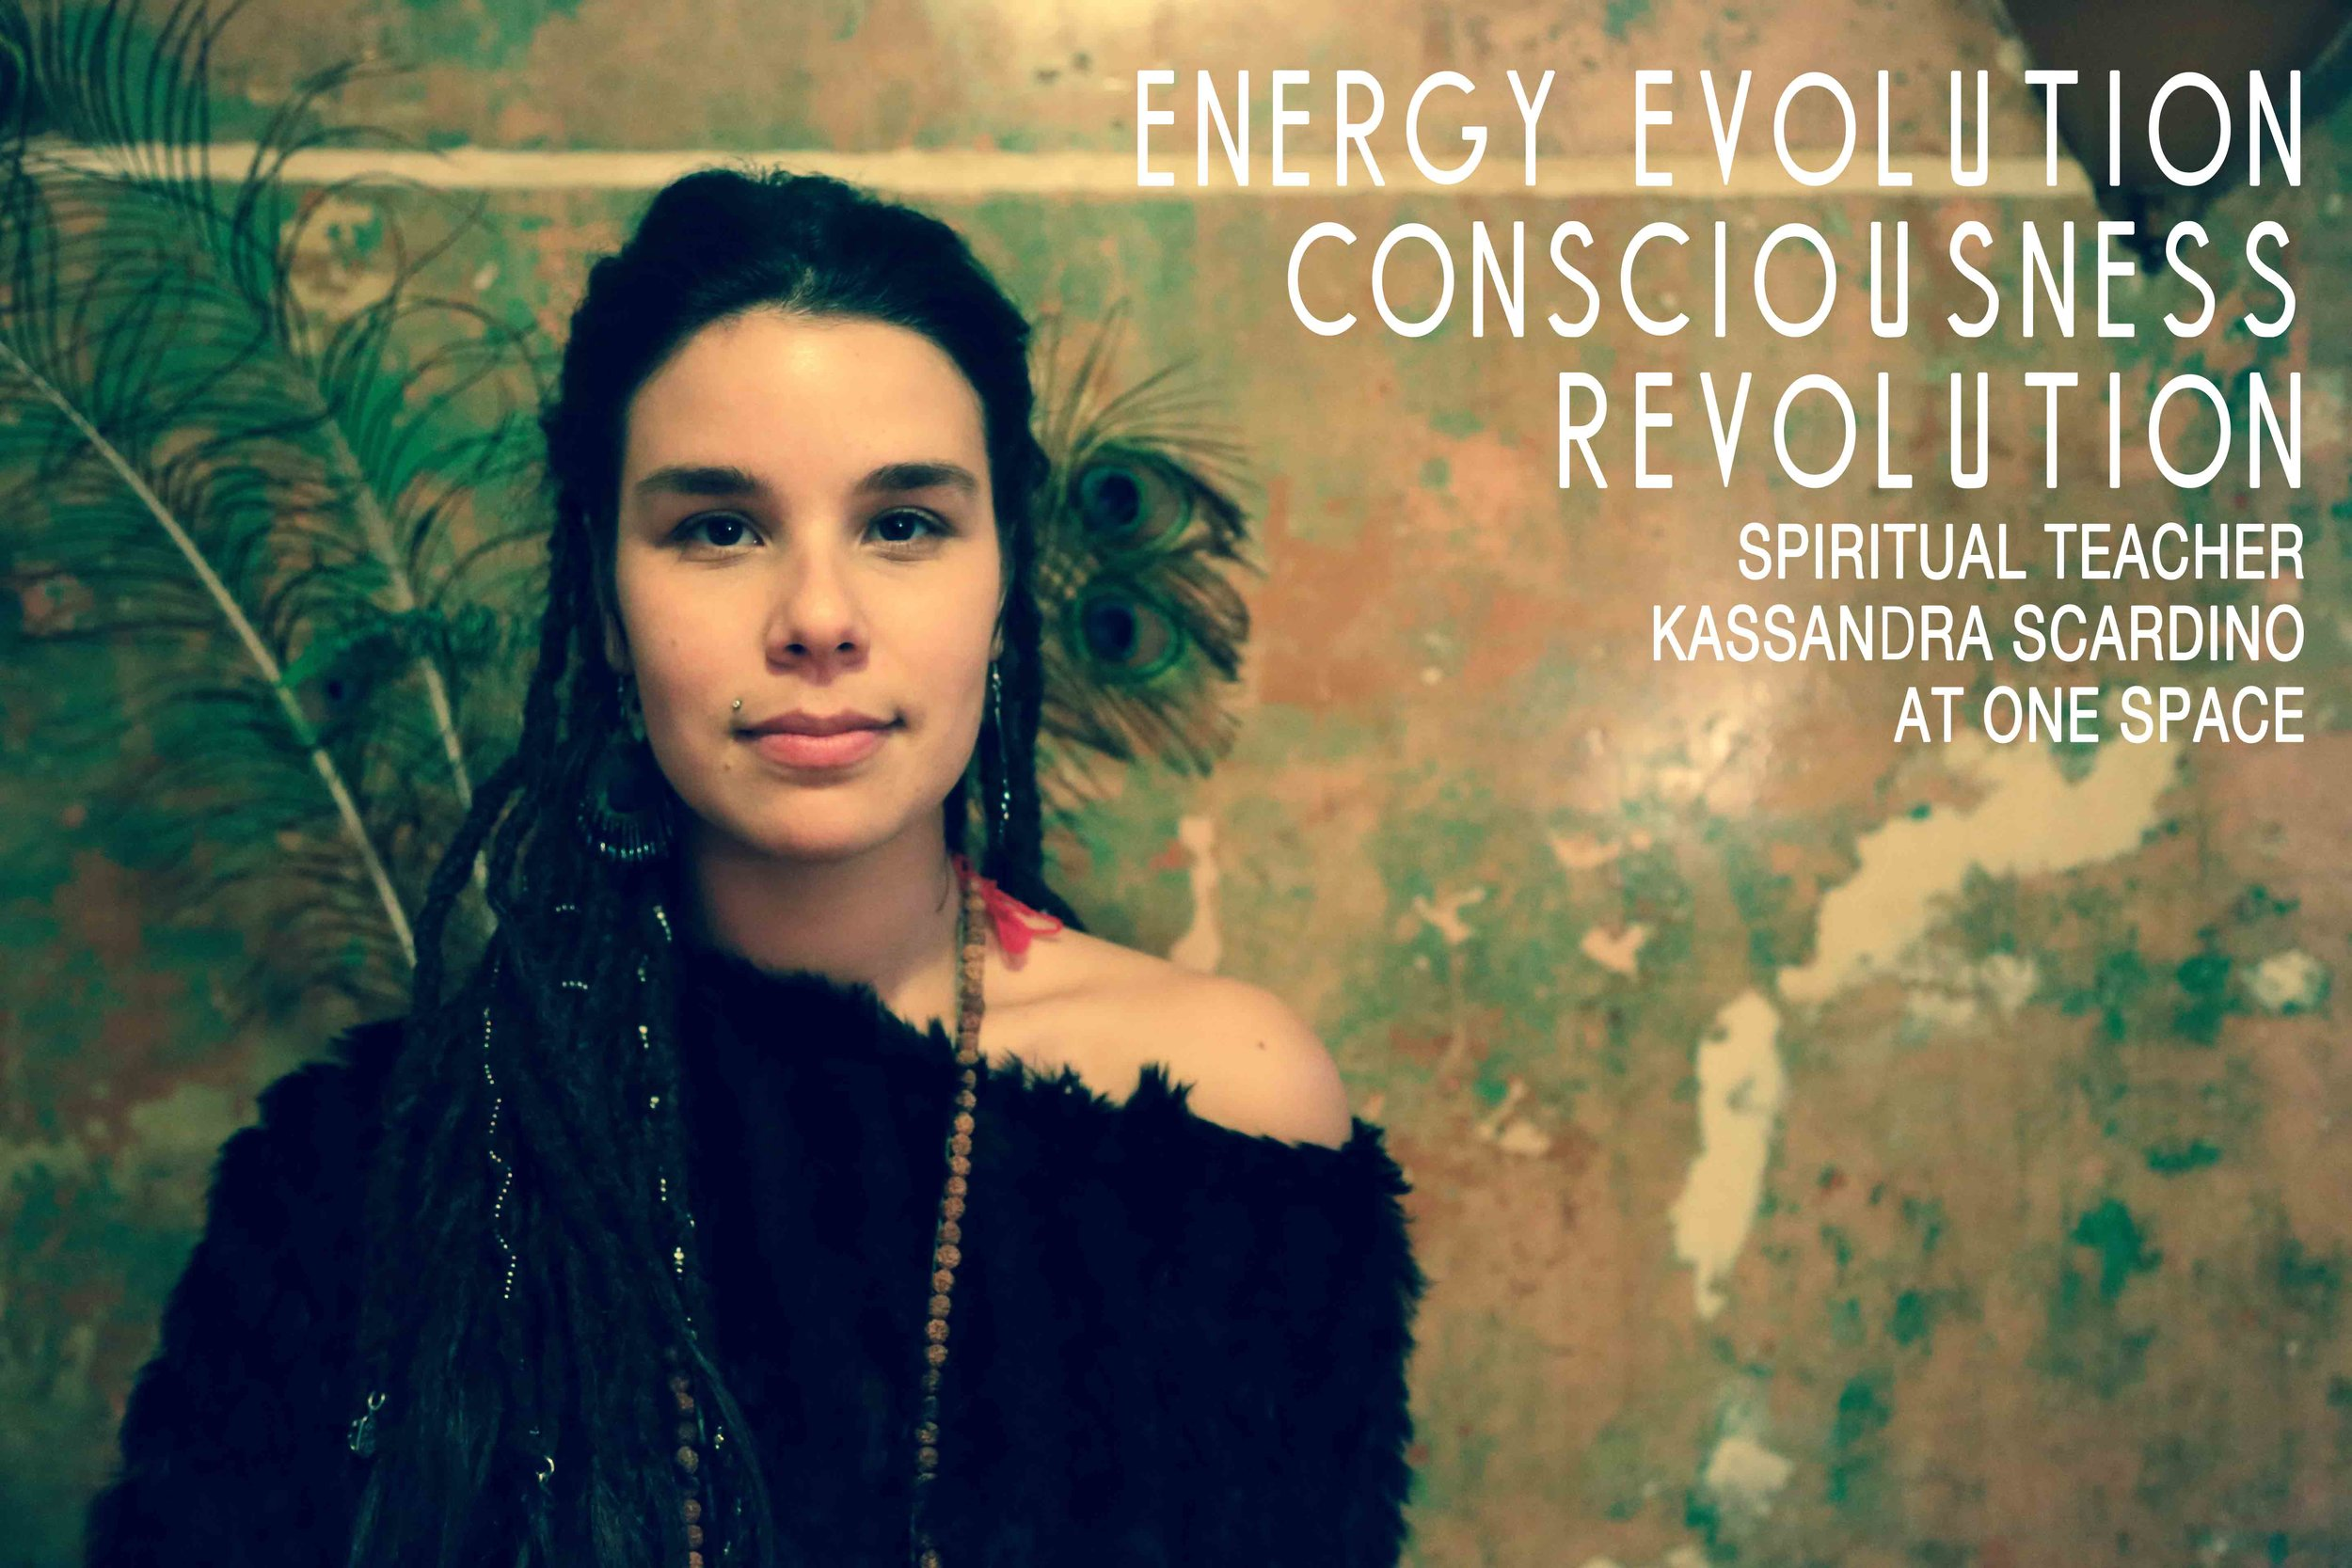 Energy Evolution Consciousness Revolution SYD